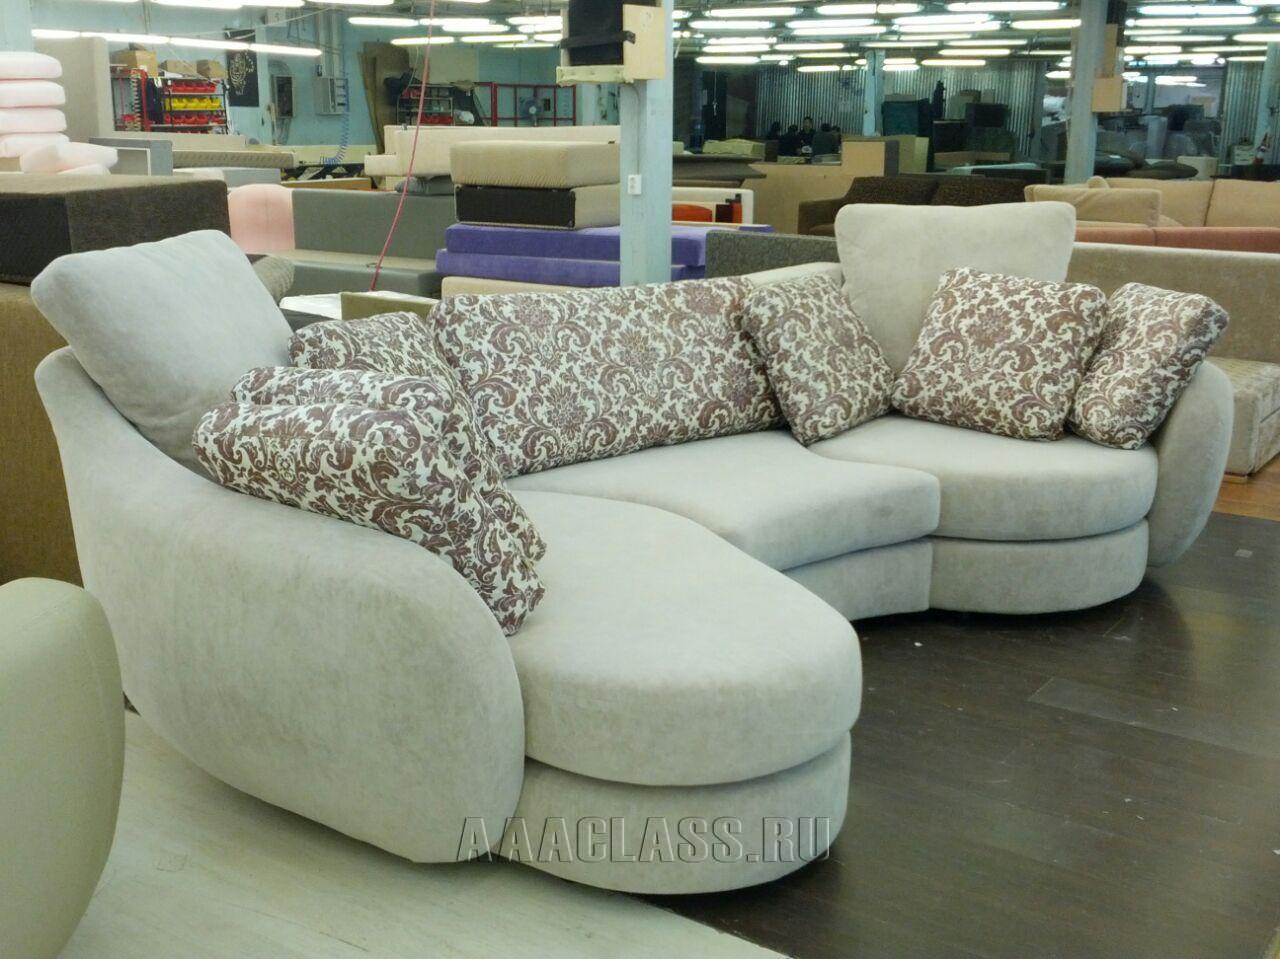 Эркерный диван на заказ в молочном цвете мебельное ателье «ААА-Классика»